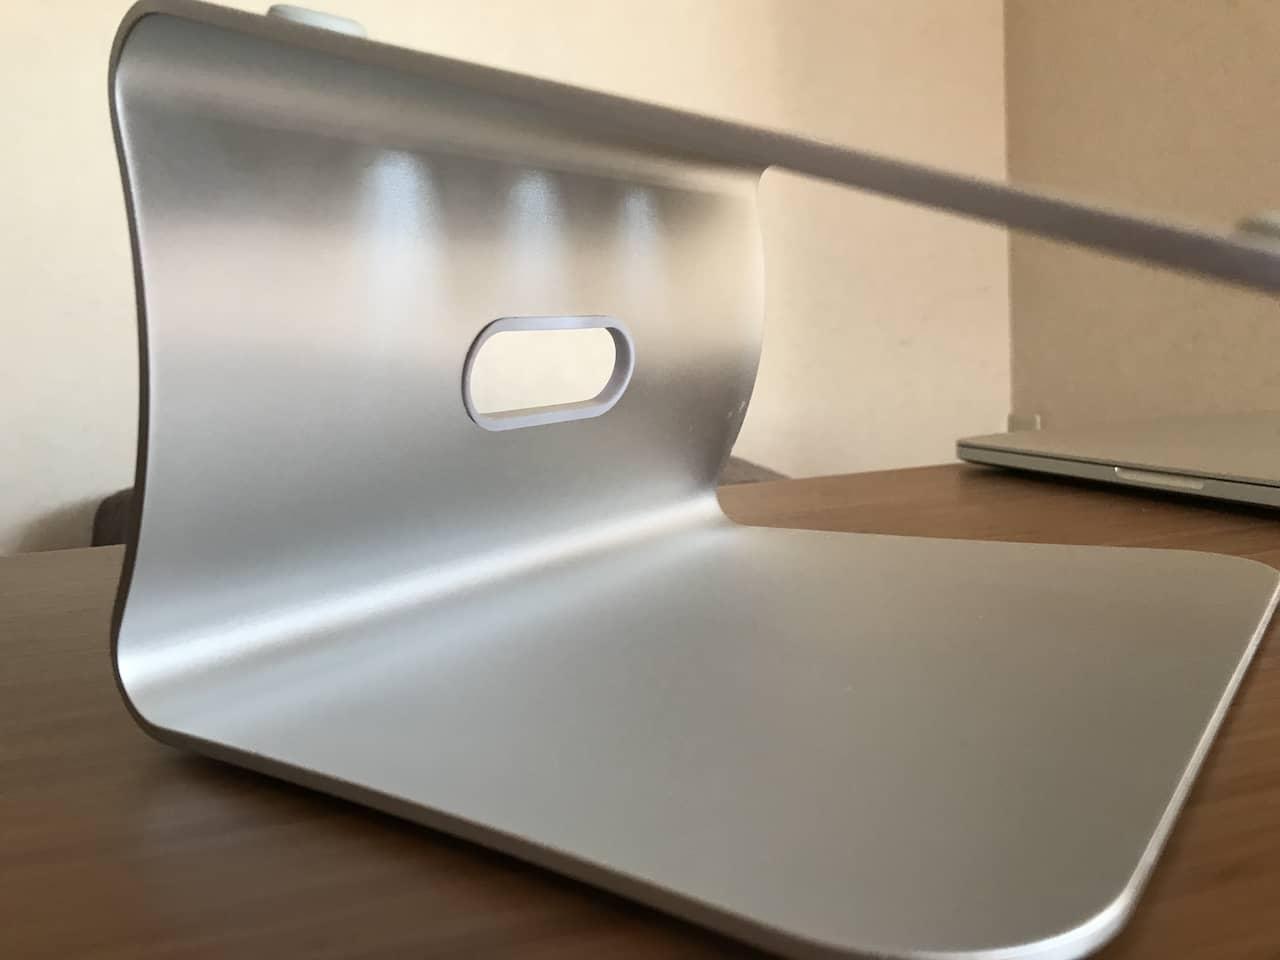 ノートPCスタンドの天板の下のスペースです。